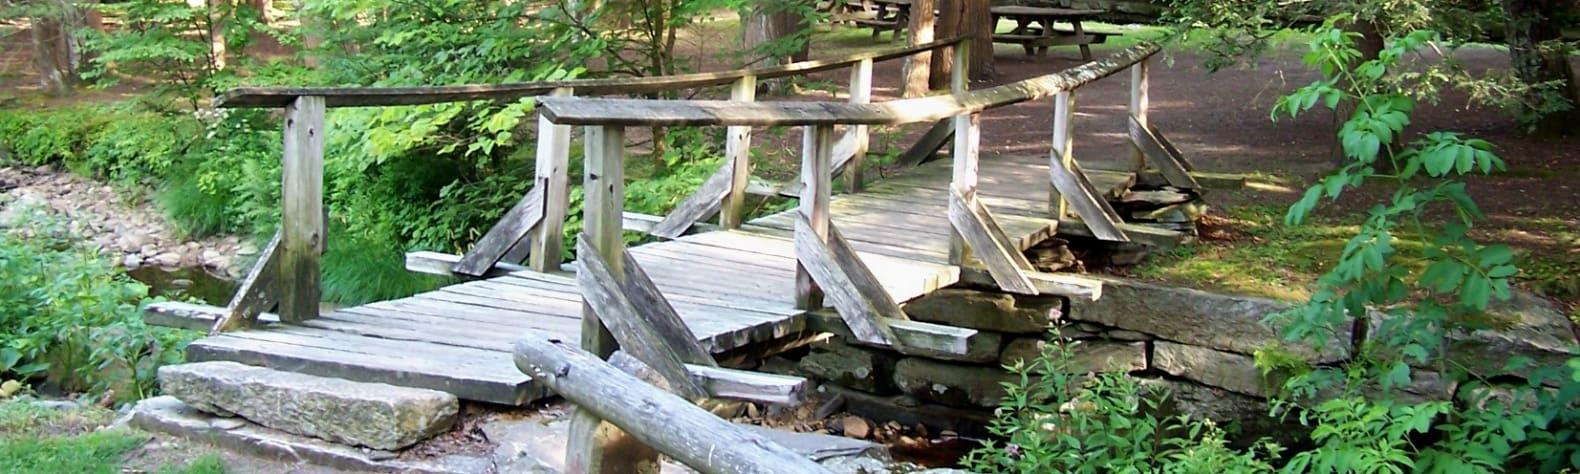 Mashamoquet Brook State Park